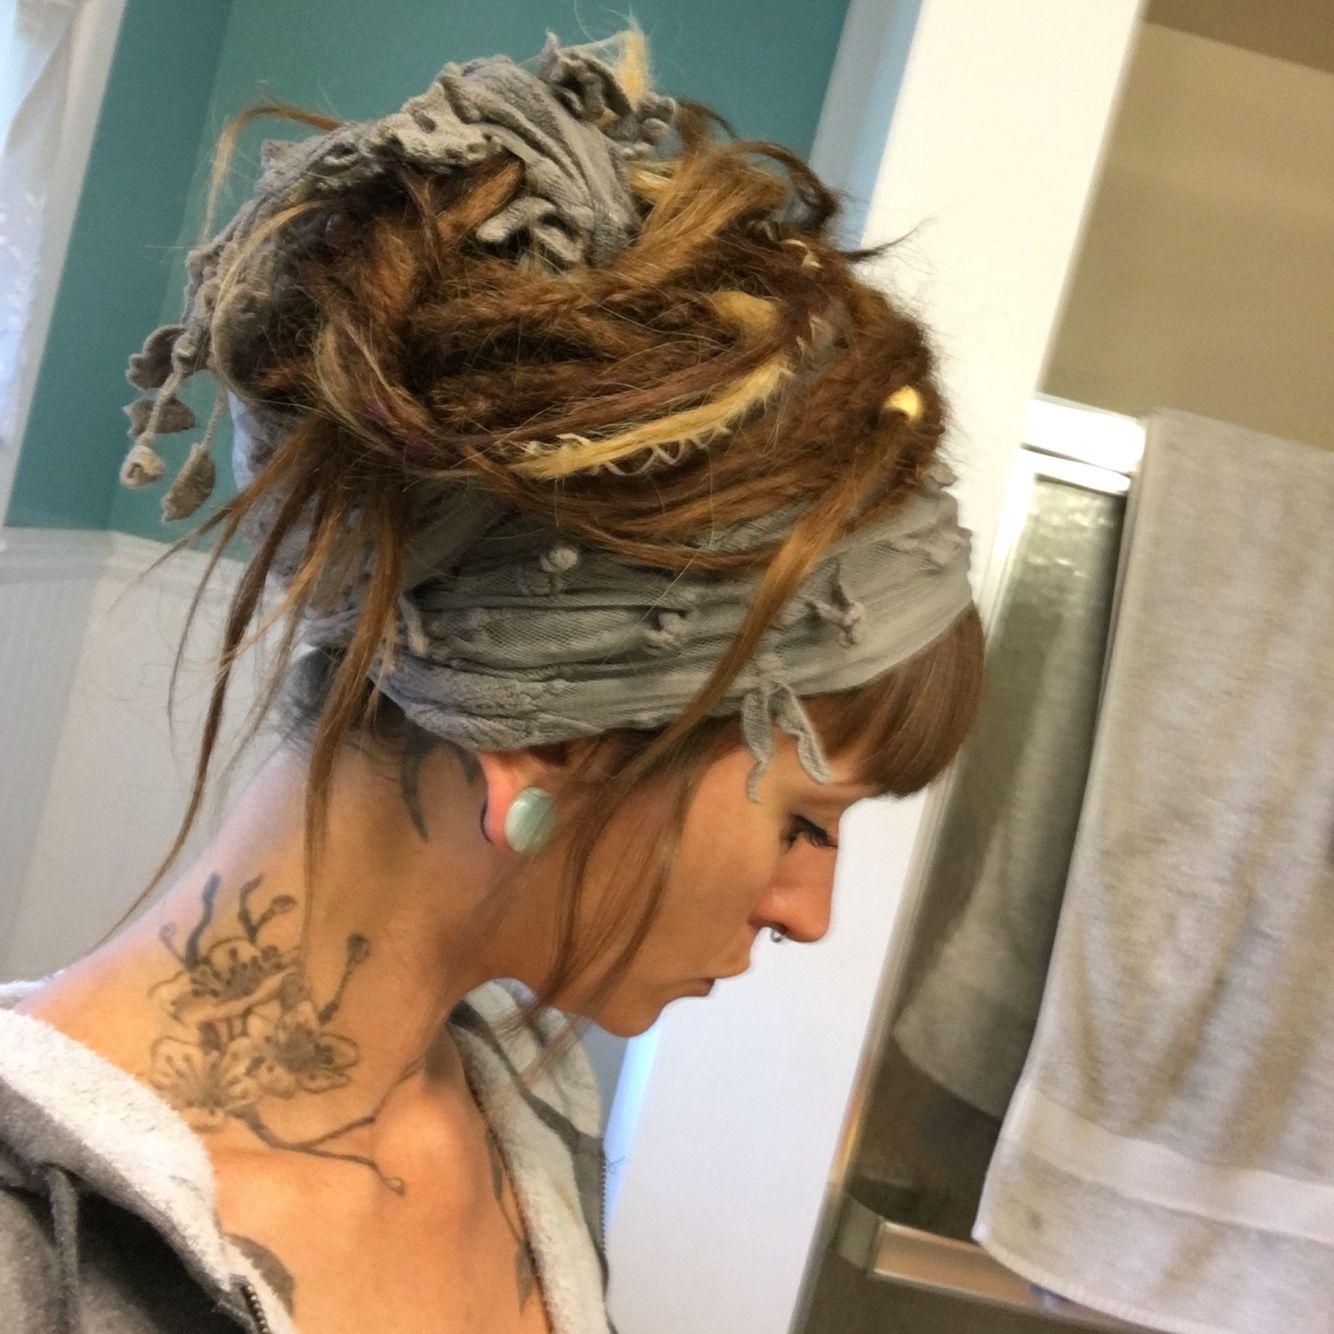 dreadlock bun with scarf